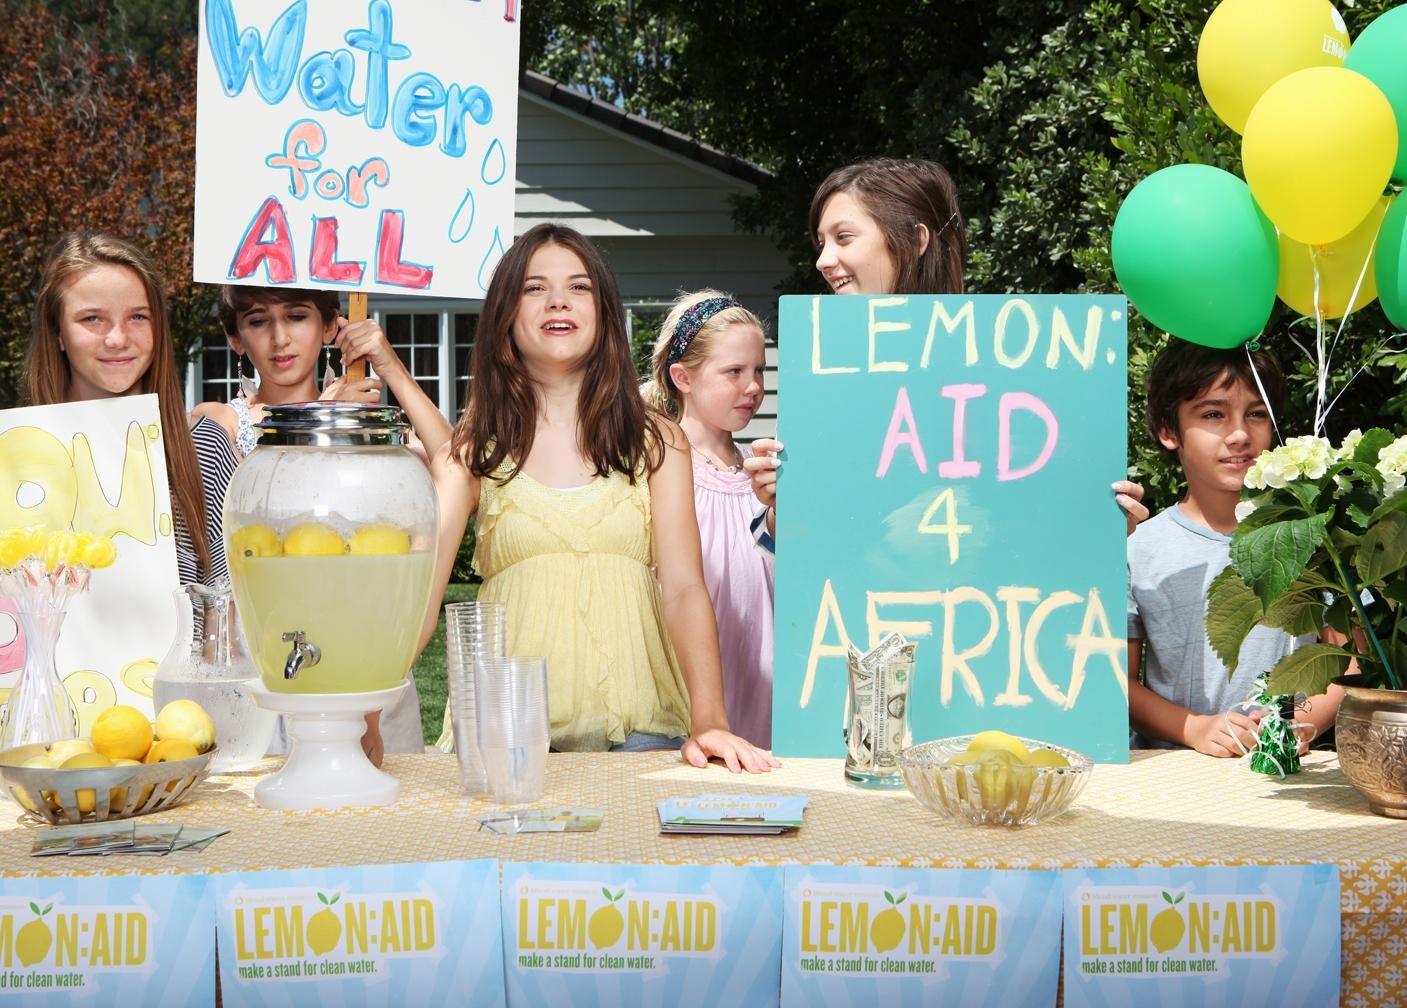 Lemon aid for Africa